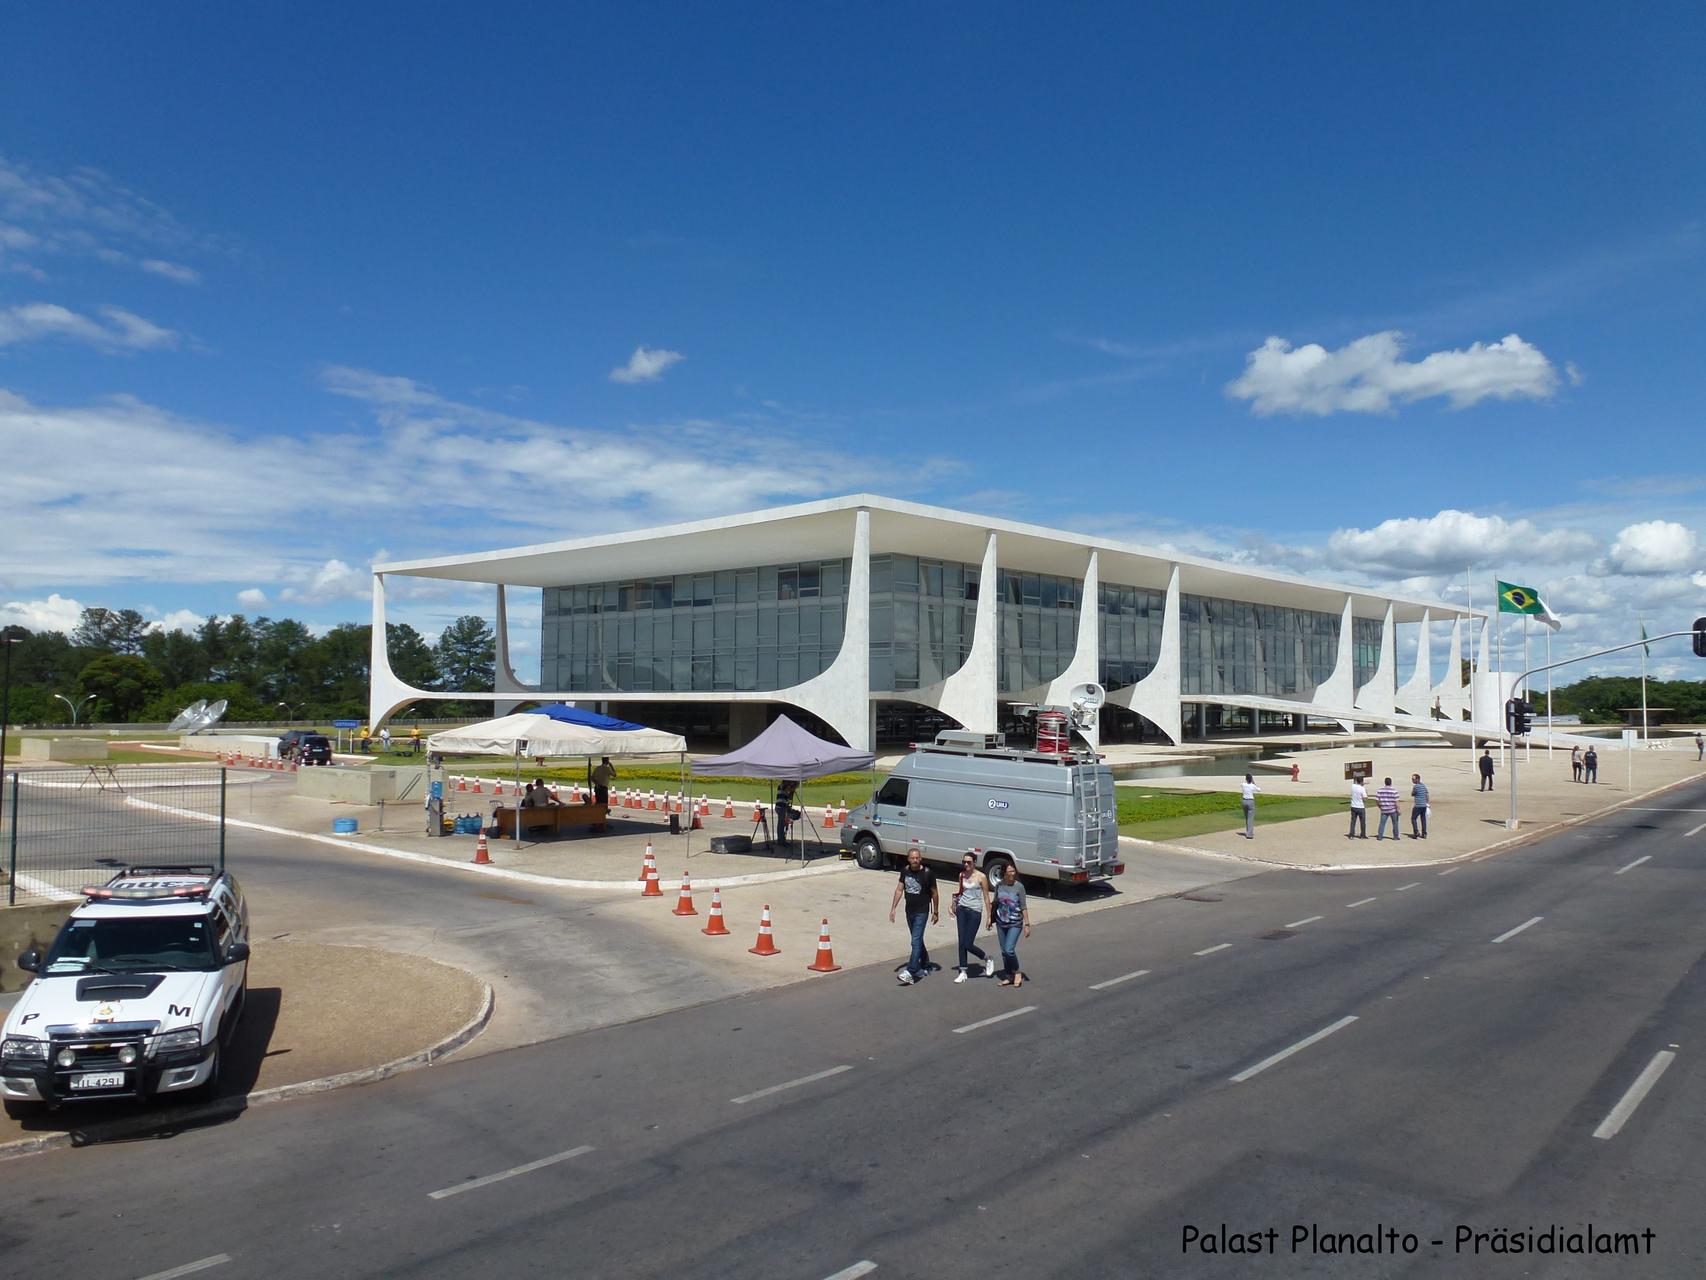 Palast Panalto - Präsidialamt